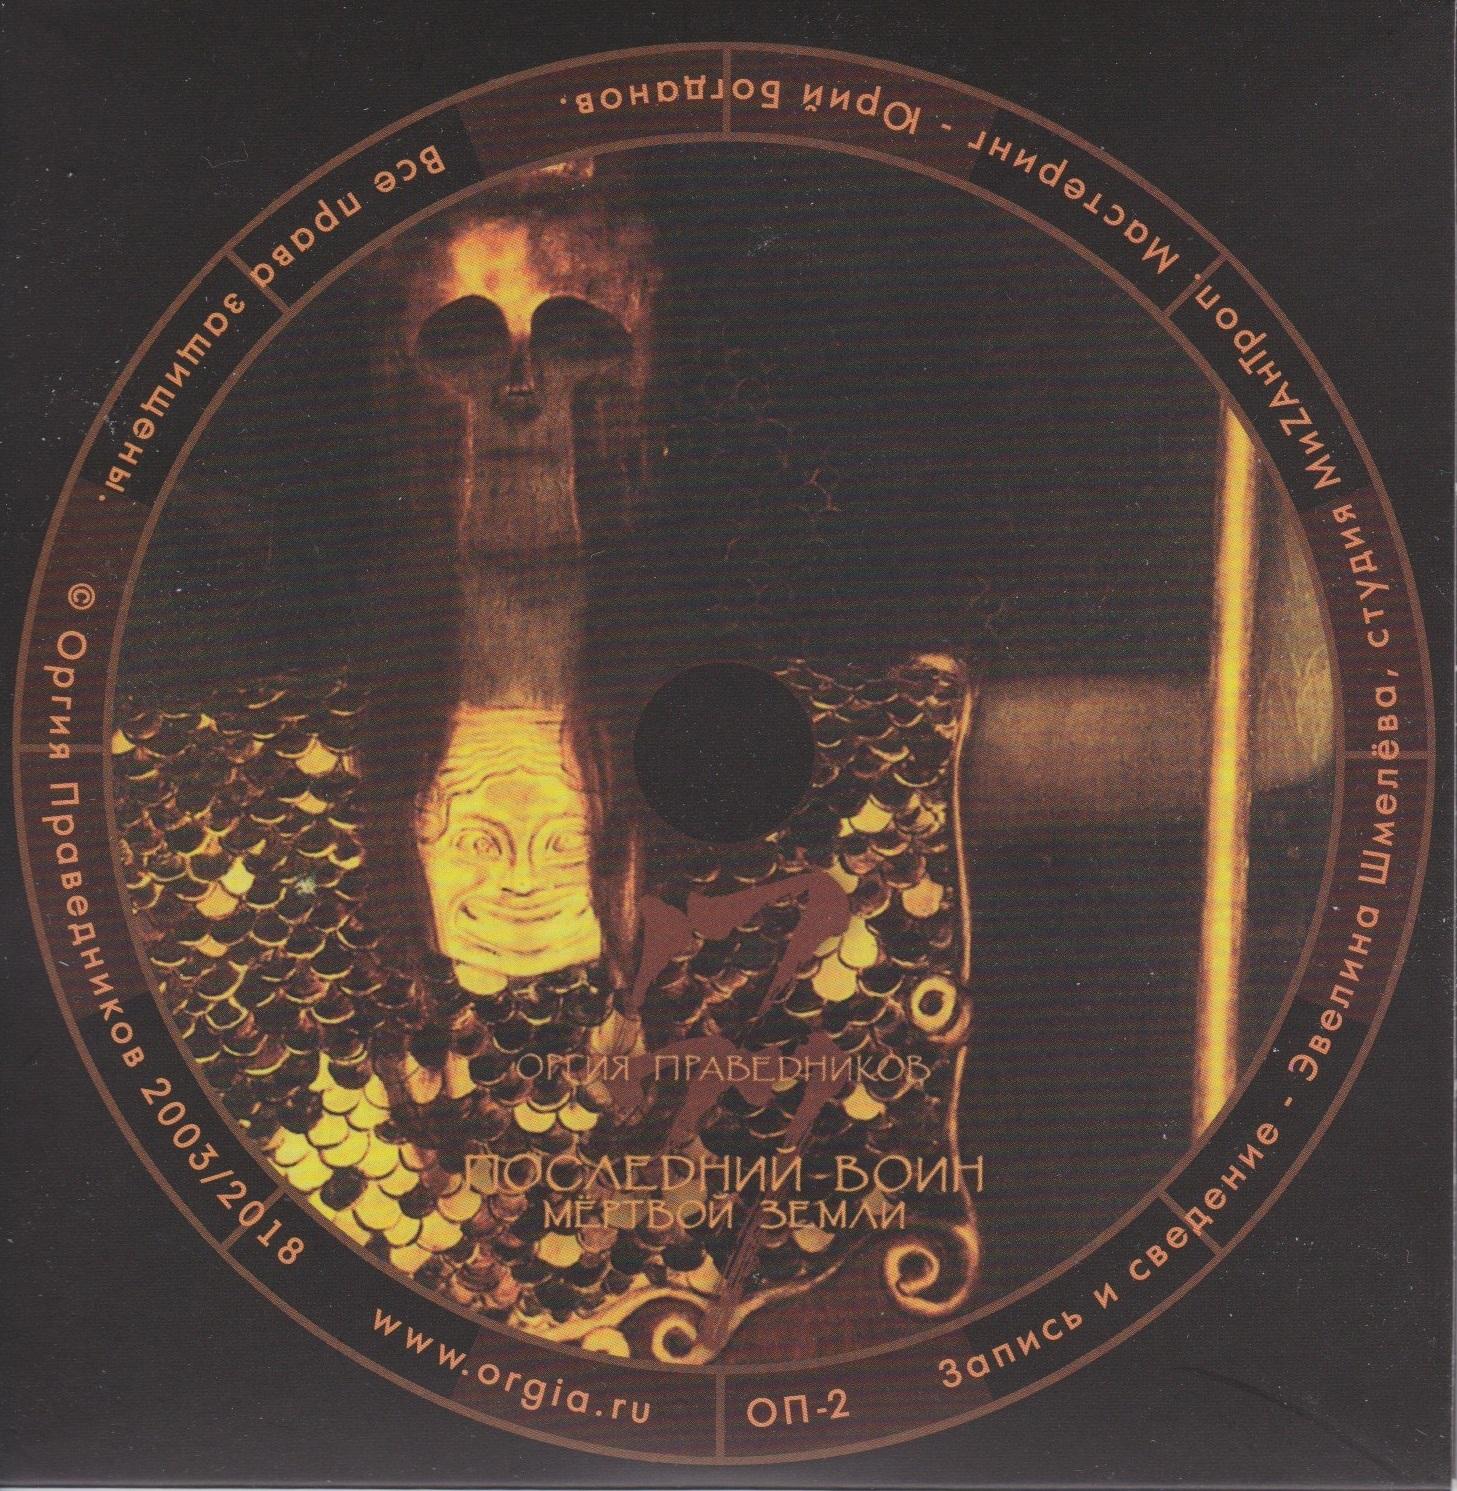 Оргия Праведников — Последний воин мёртвой земли CDS (2003)